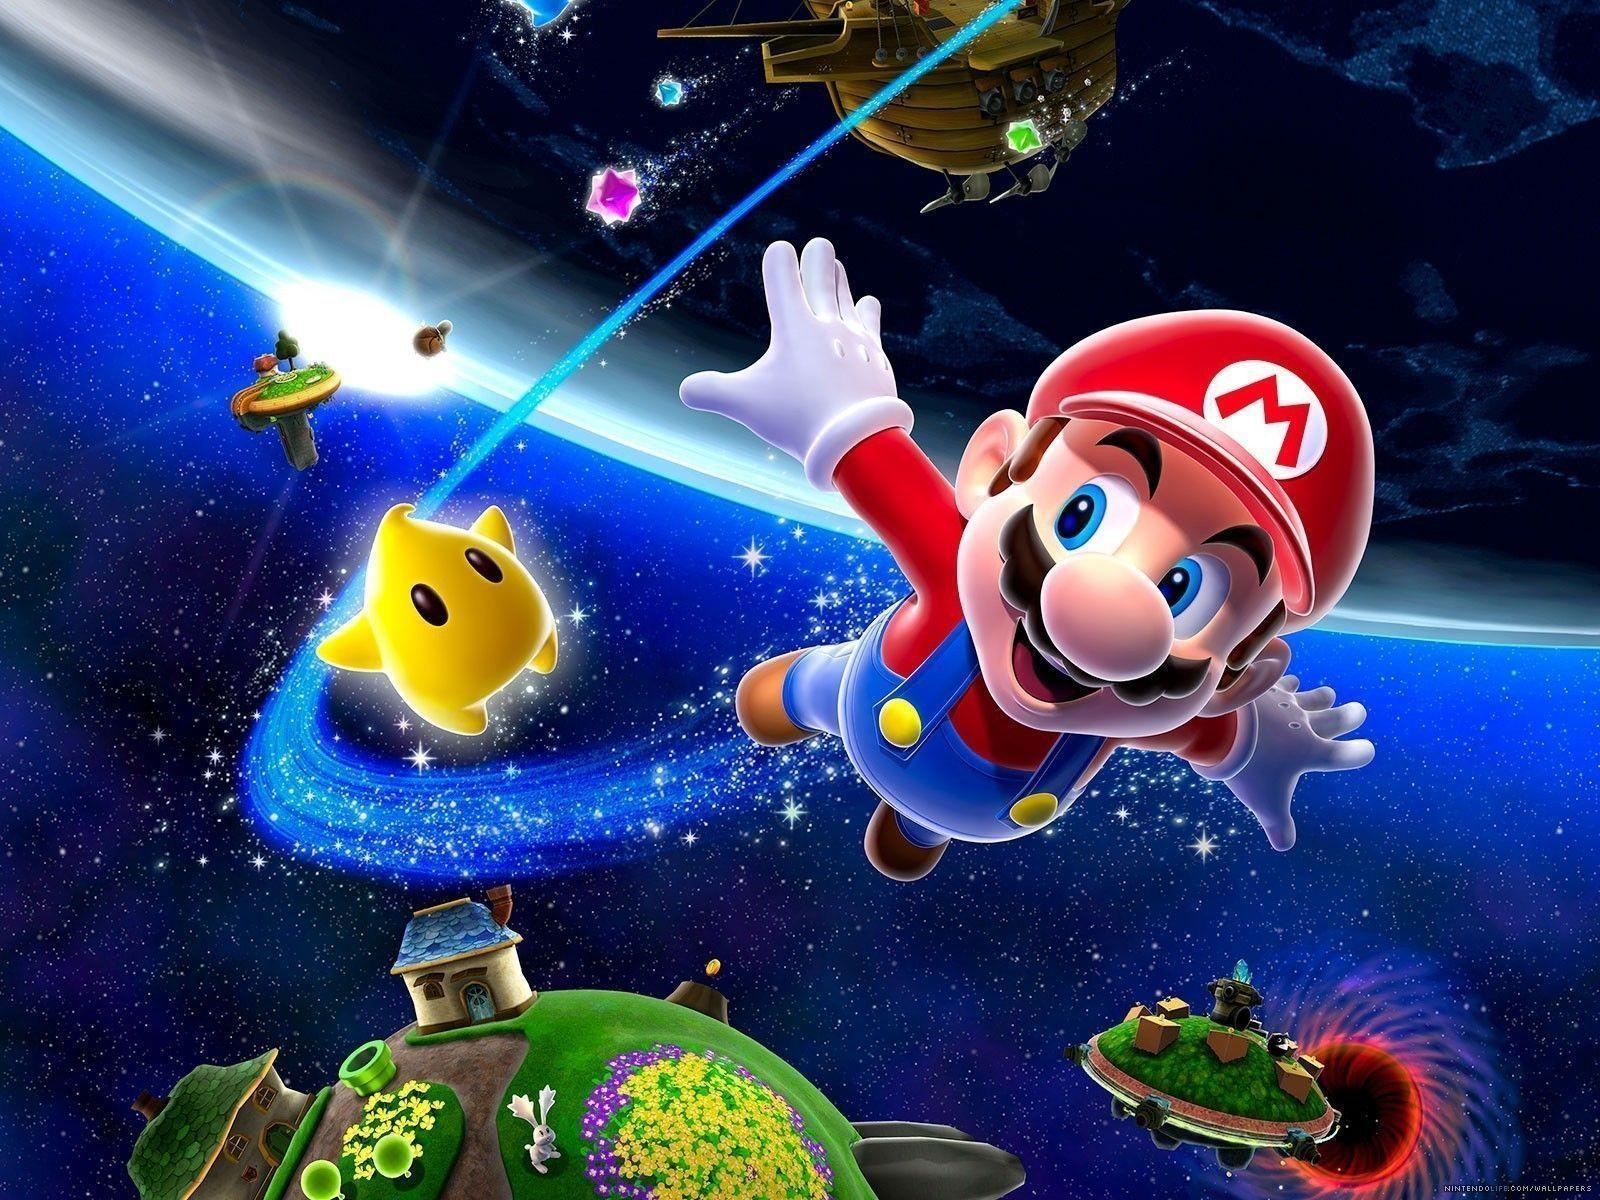 Mario Wallpaper - Mario Wallpaper (5614798) - Fanpop